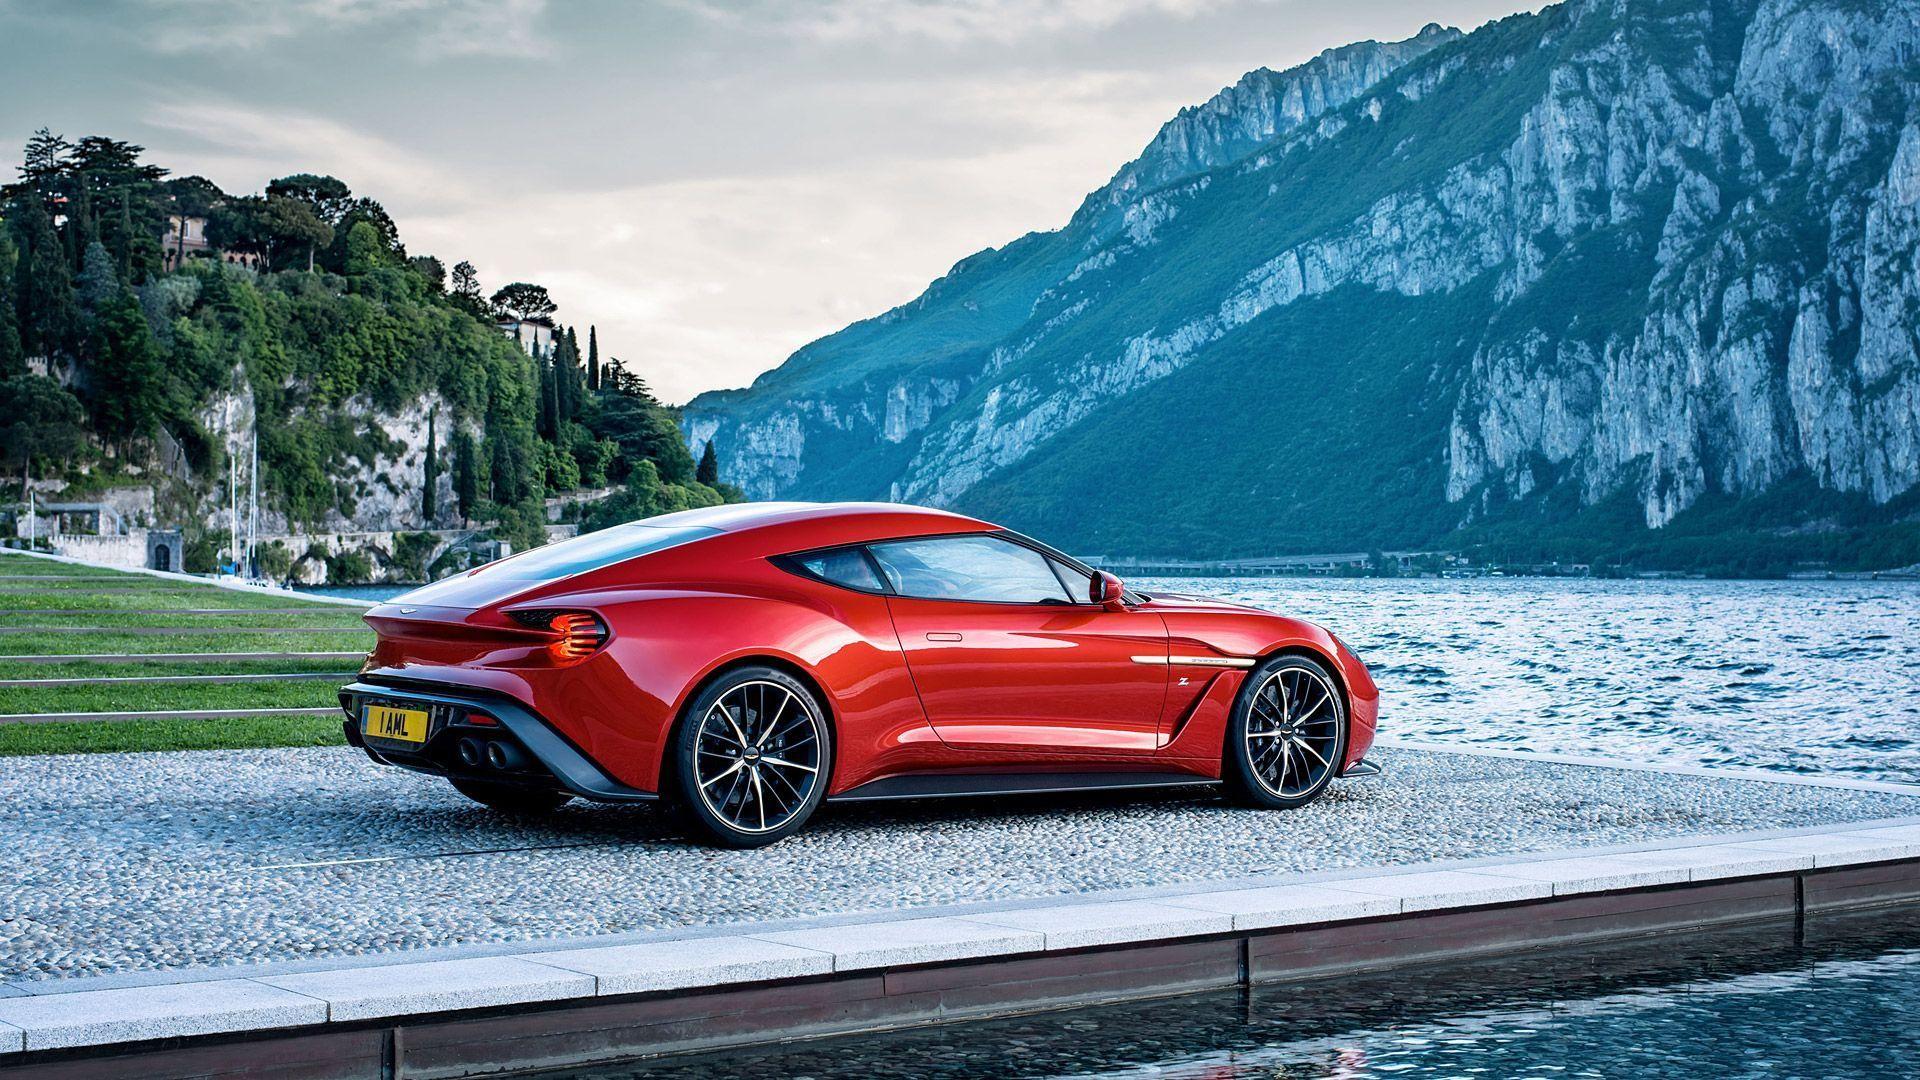 Aston Martin Wallpapers Aston Martin Vanquish Aston Martin Aston